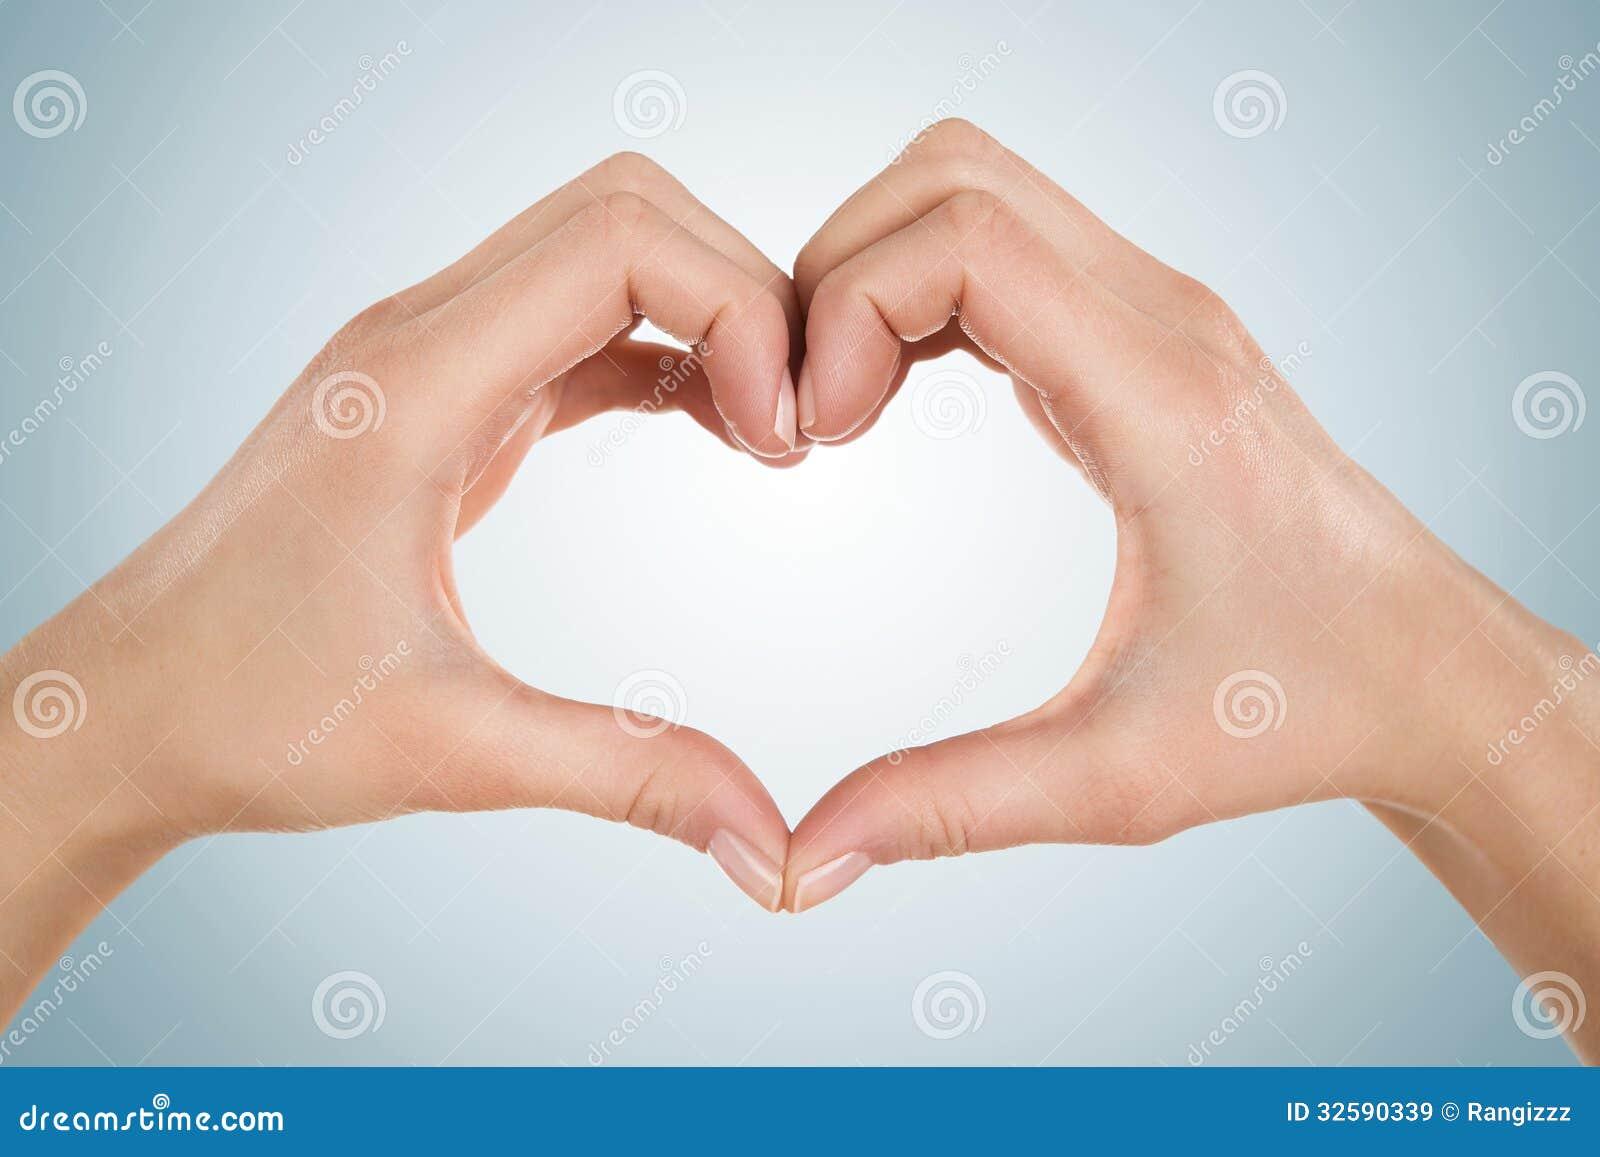 Female hands in heart shape